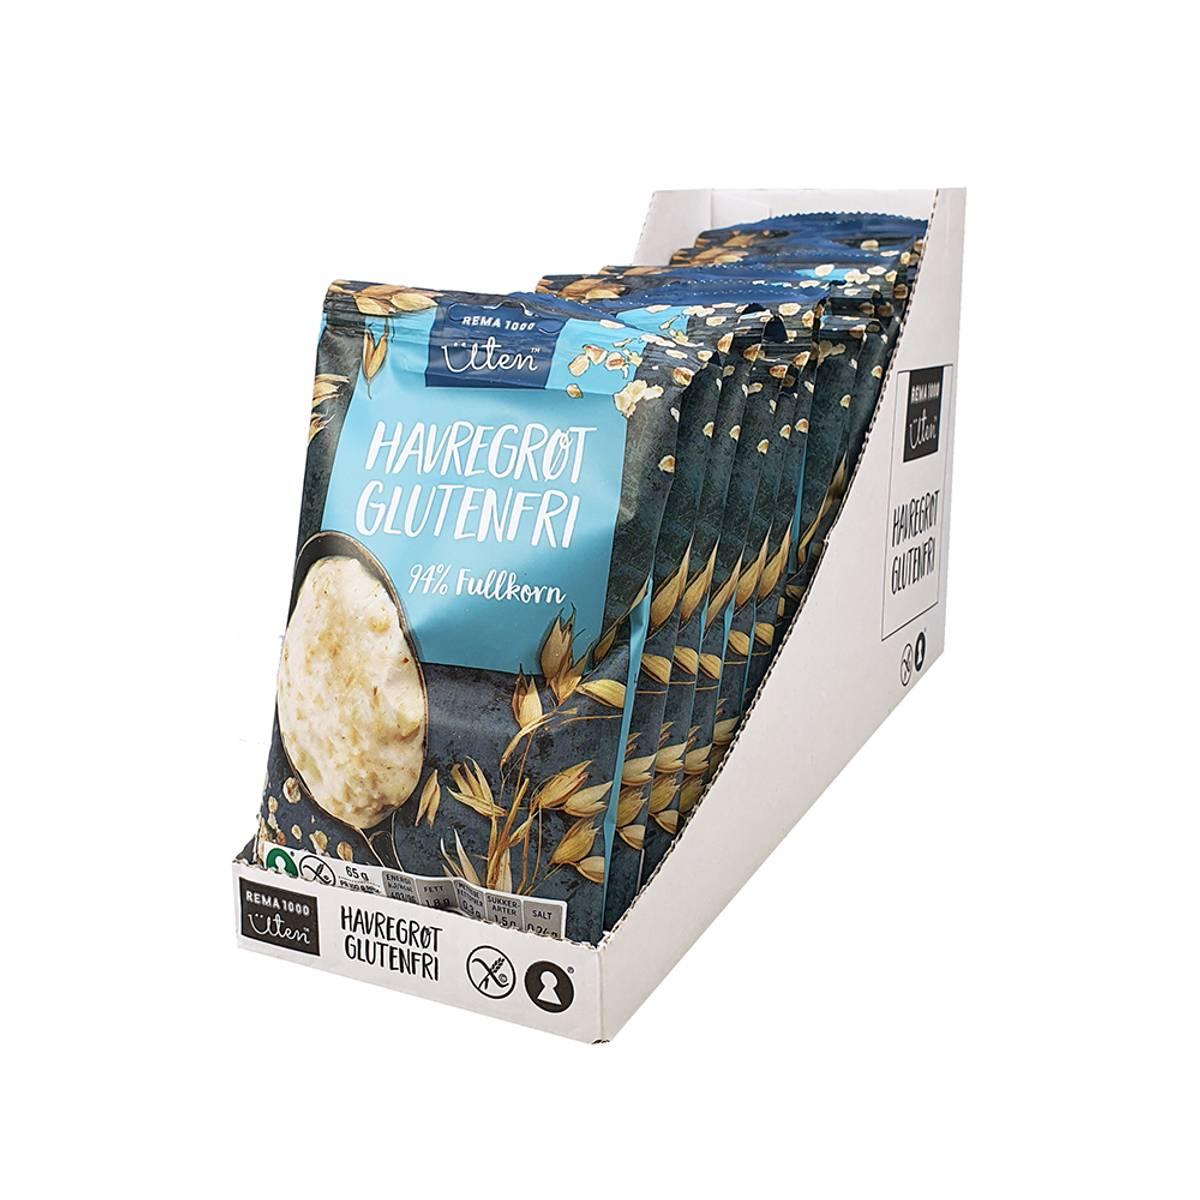 Havregrøt glutenfri naturell (Kartong 16stk)